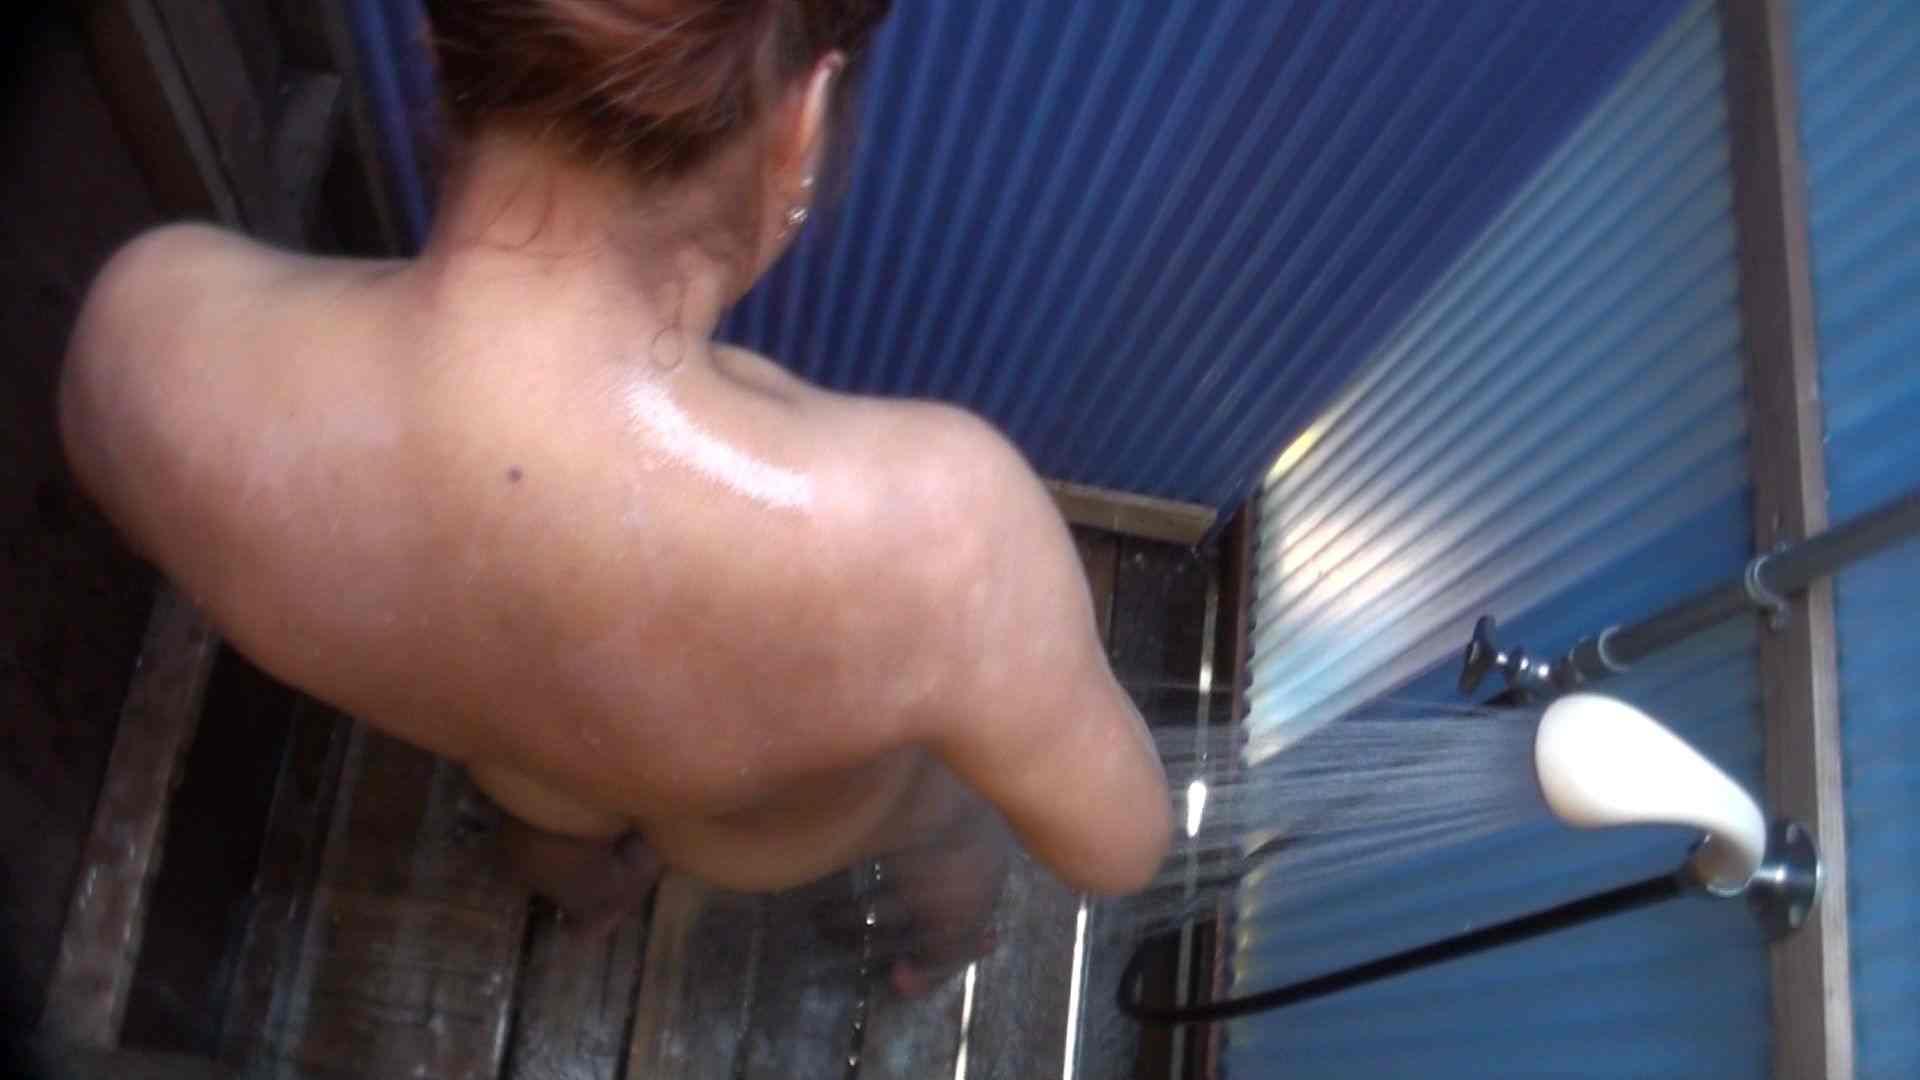 シャワールームは超!!危険な香りVol.18 幼児体型なムッチリギャル ギャルの実態 | シャワー  60pic 33